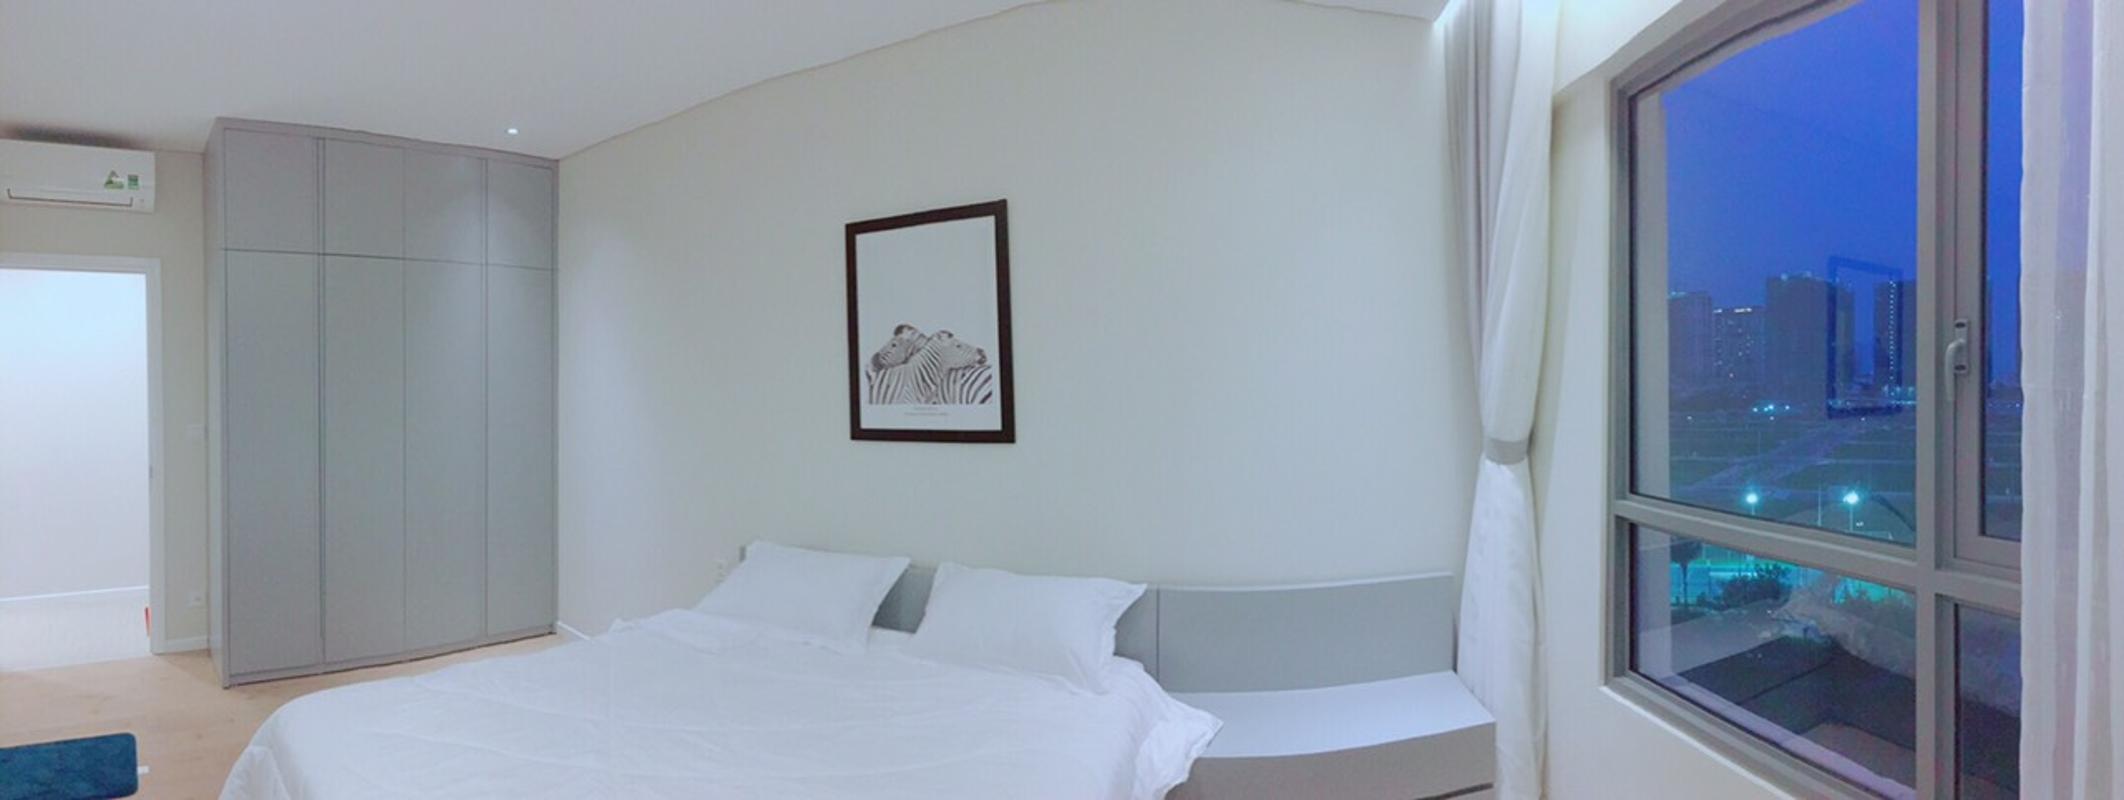 Phòng ngủ Cho thuê căn hộ Diamond Island - Đảo Kim Cương 2PN, tháp Bora Bora, đầy đủ nội thất, view sông thông thoáng